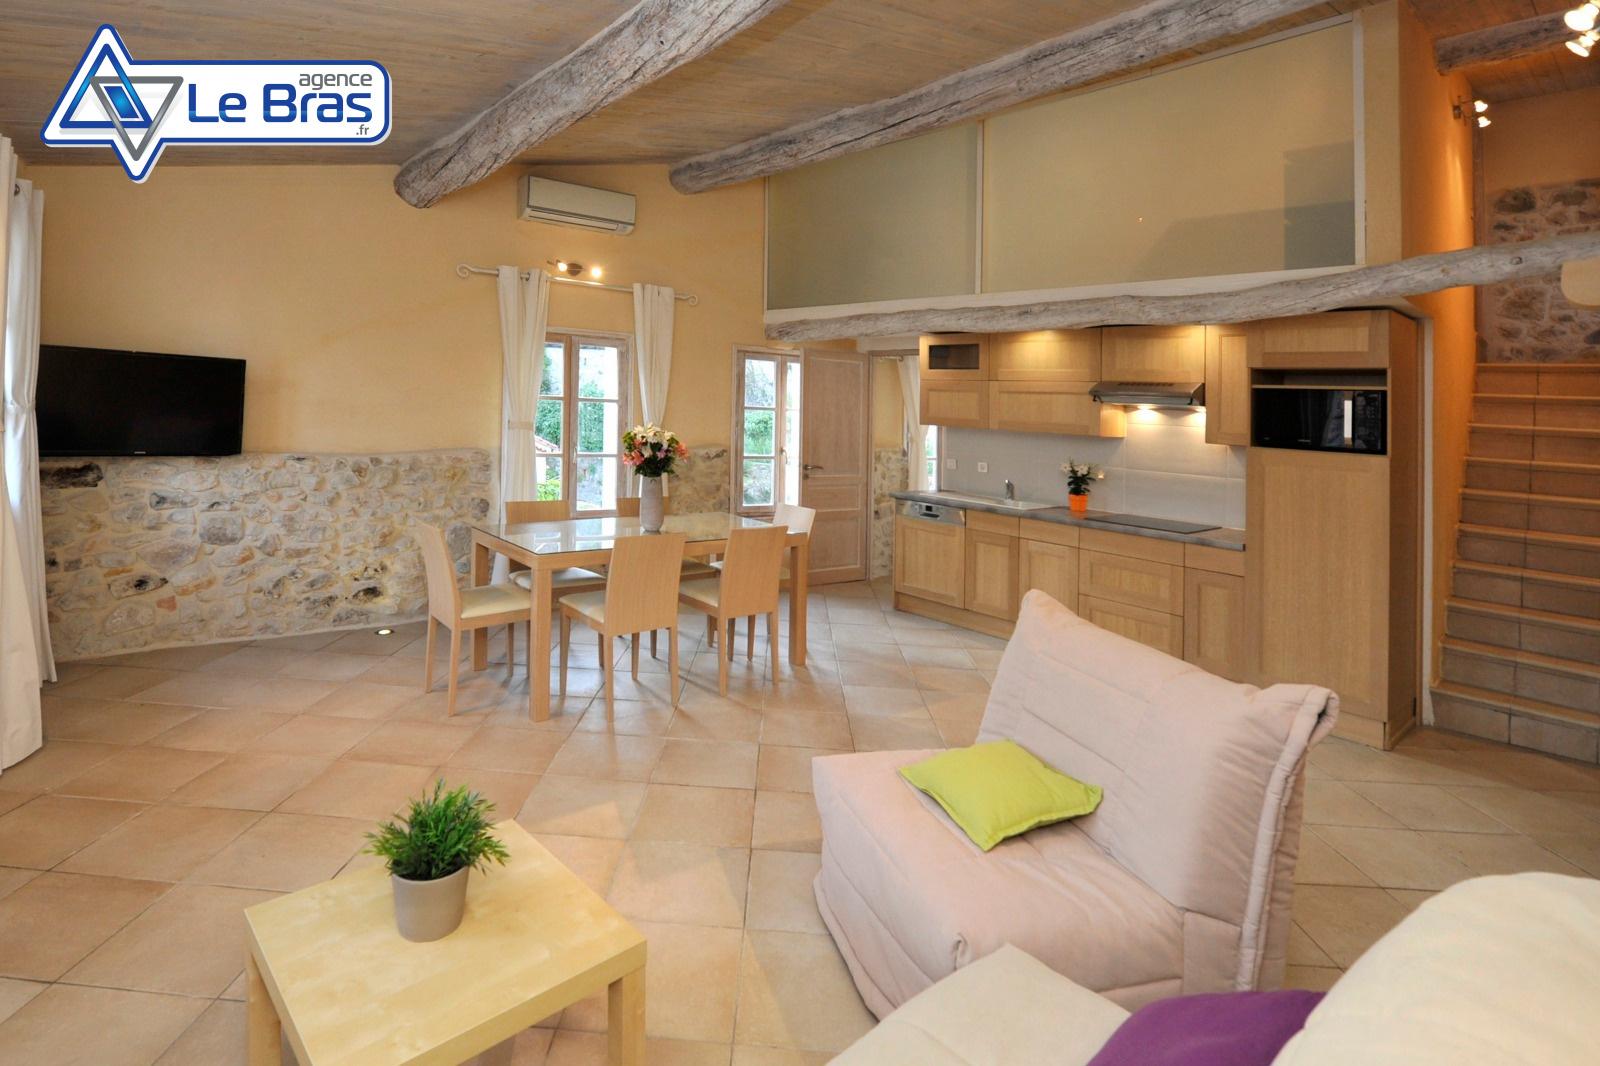 vente duplex dans le quartier historique du cannet. Black Bedroom Furniture Sets. Home Design Ideas